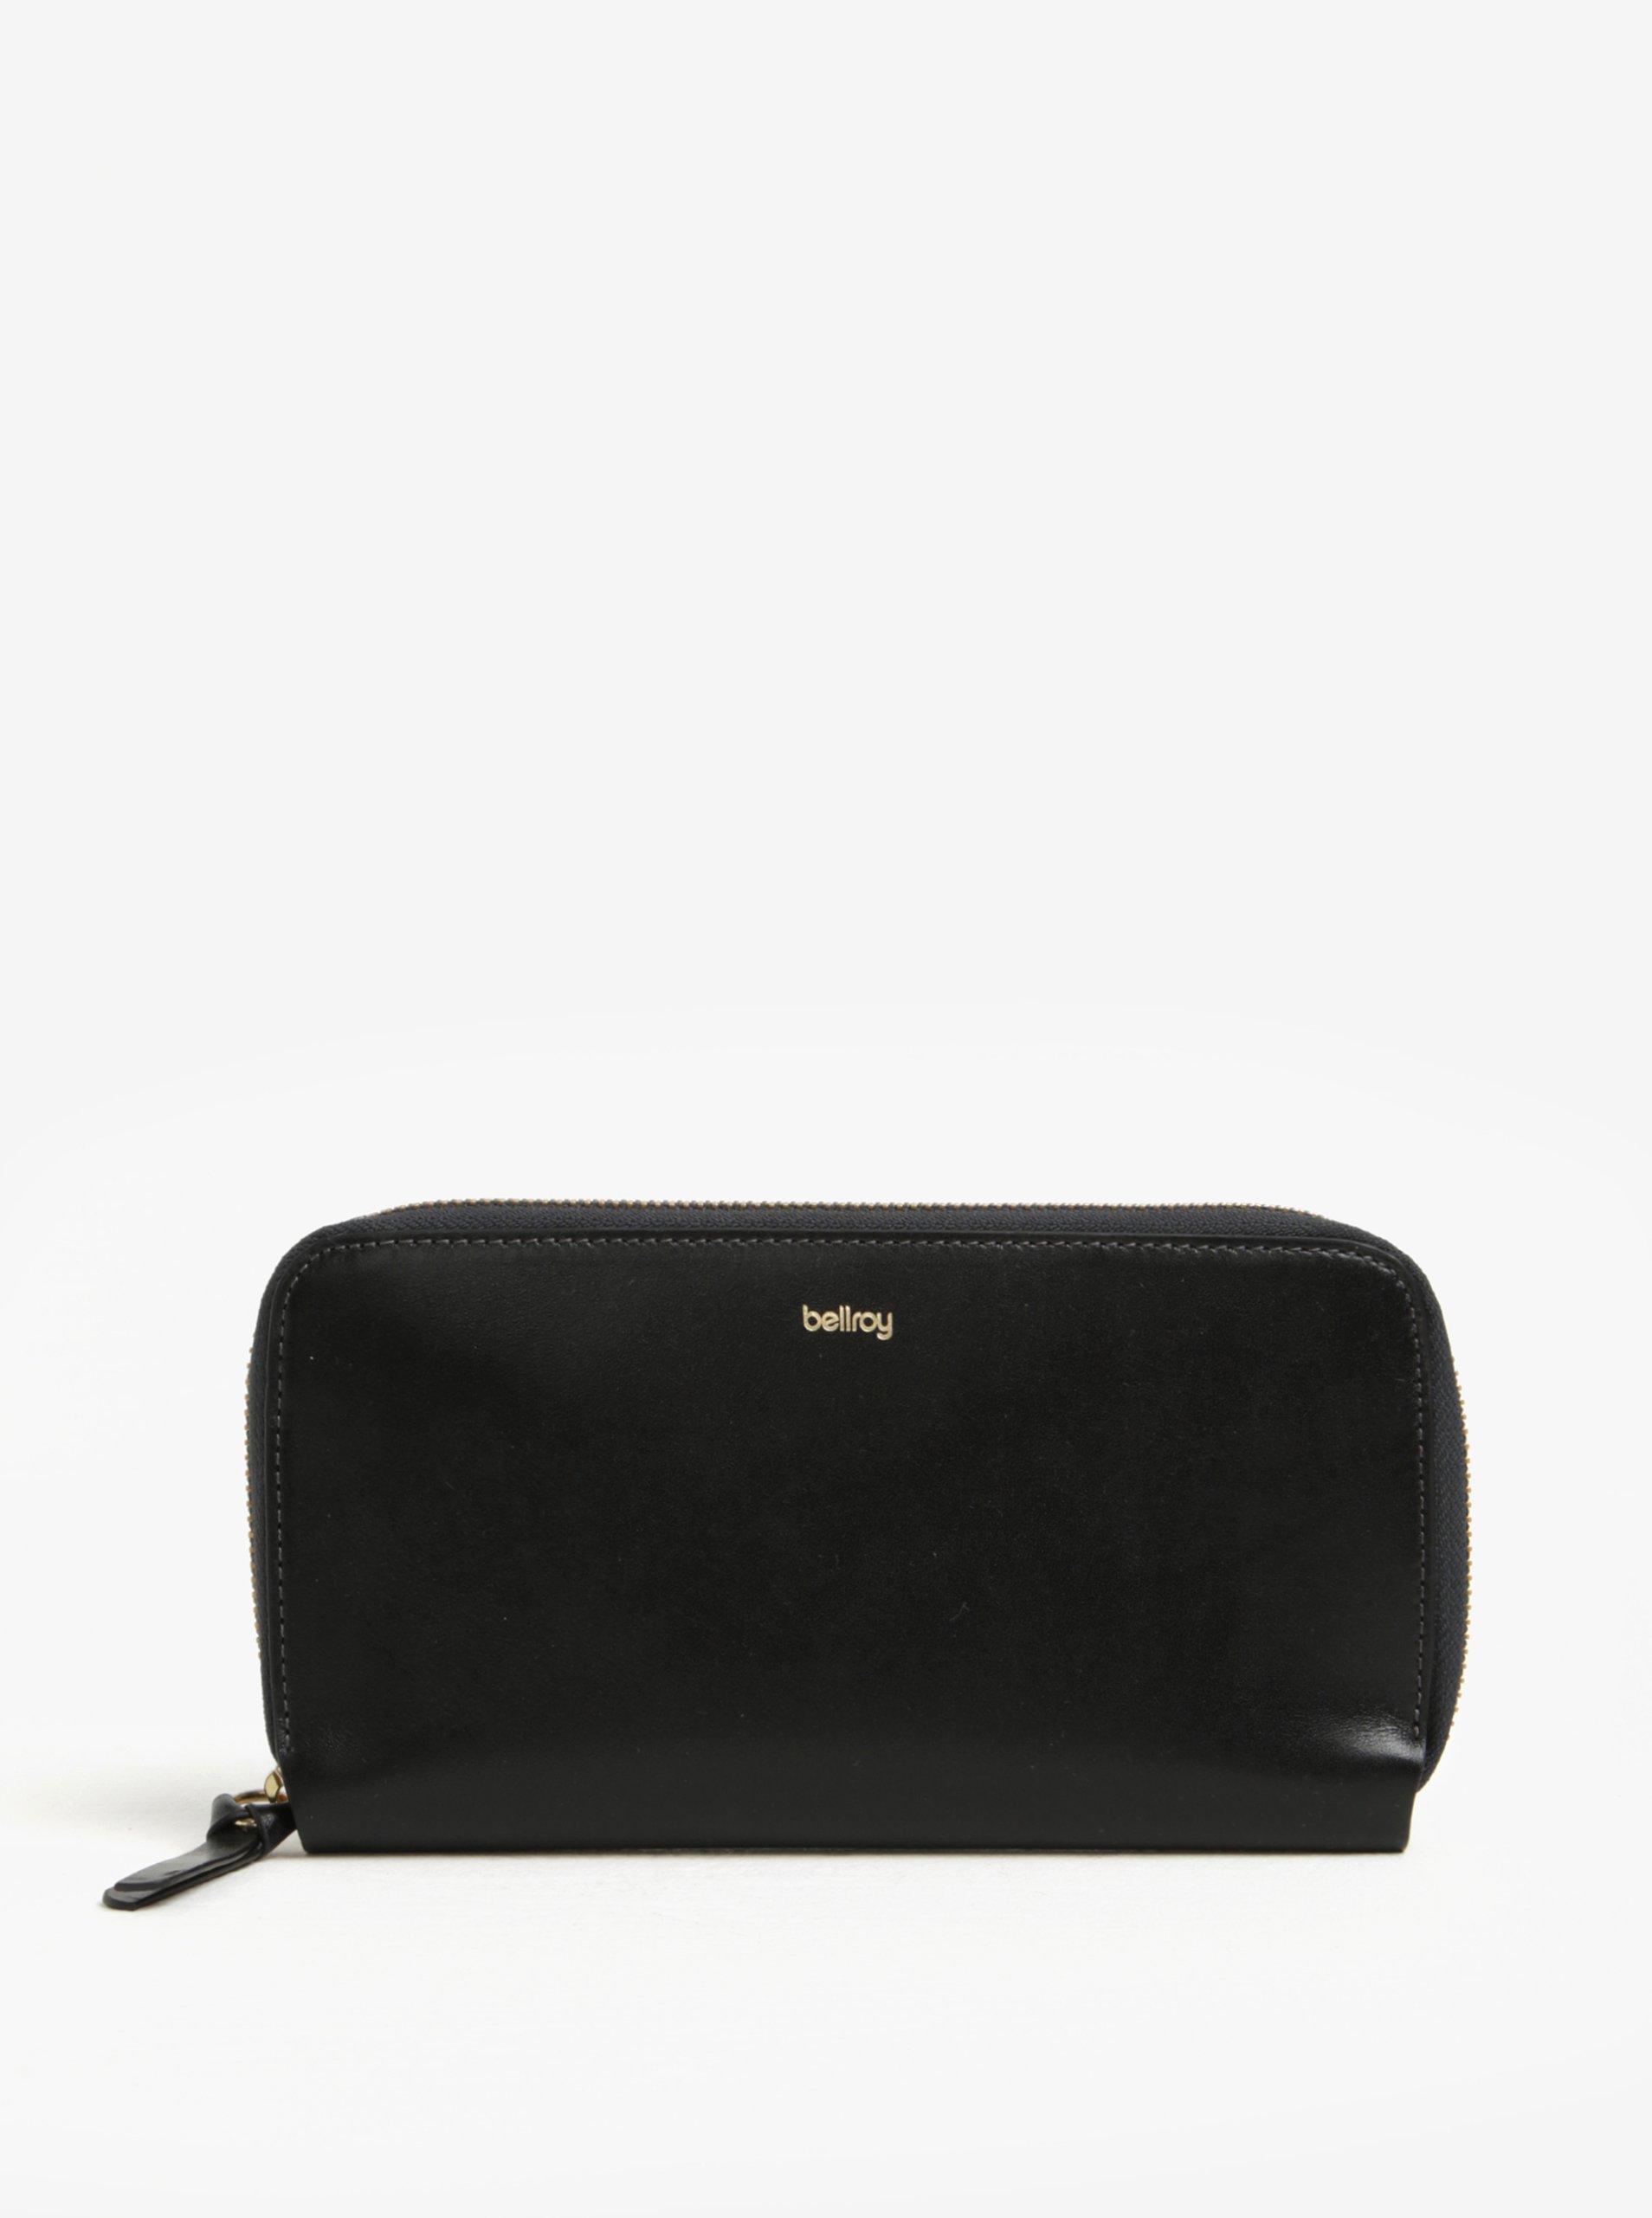 Černá dámská velká kožená peněženka Bellroy Folio